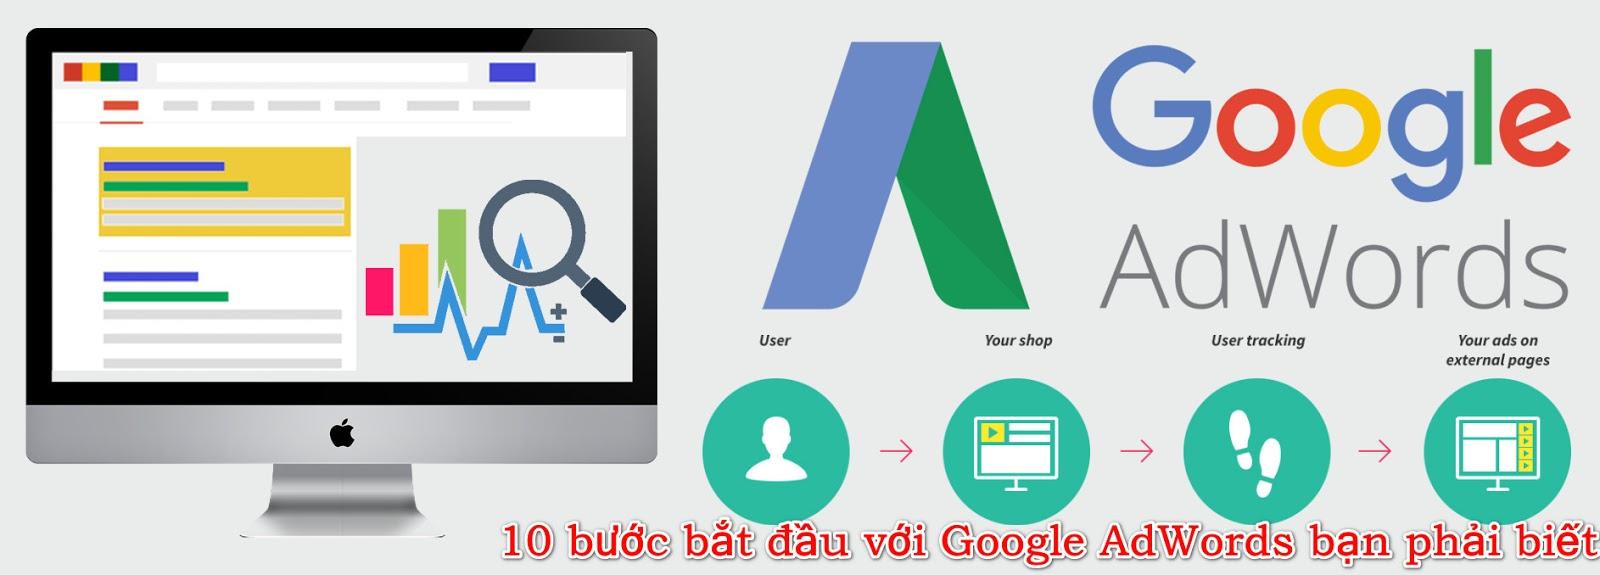 Video khóa học 10 bước bắt đầu với Google AdWords bạn phải biết